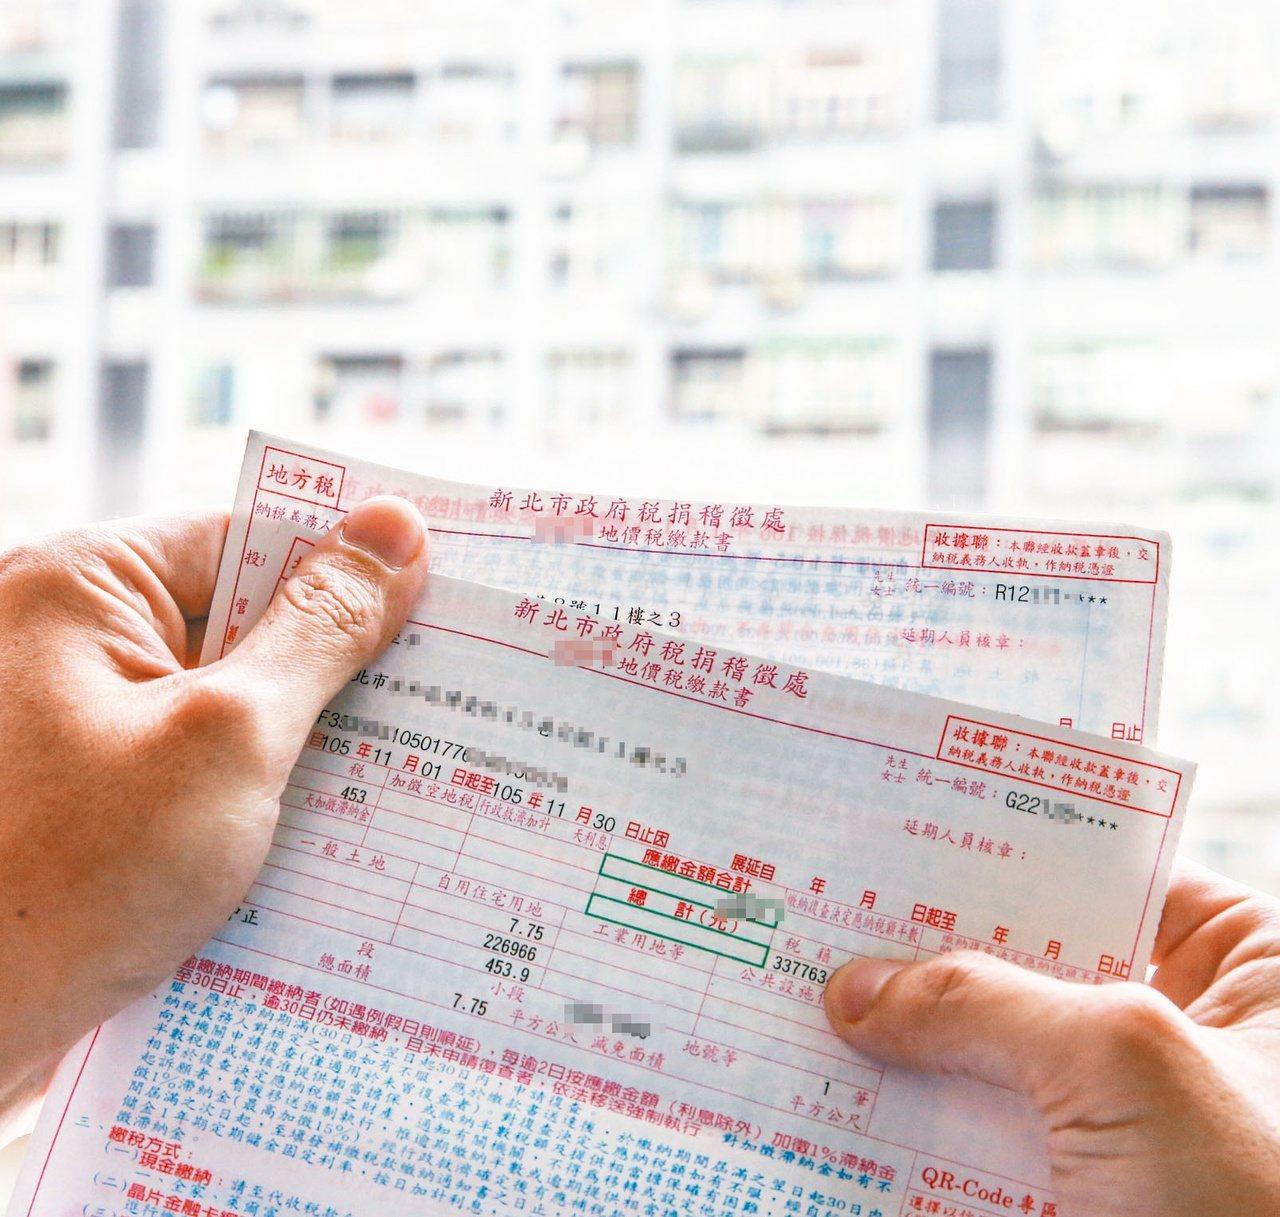 每年不痛不癢的地價稅、房屋稅稅單,現在愈來愈「有感」。 圖/本報資料照片